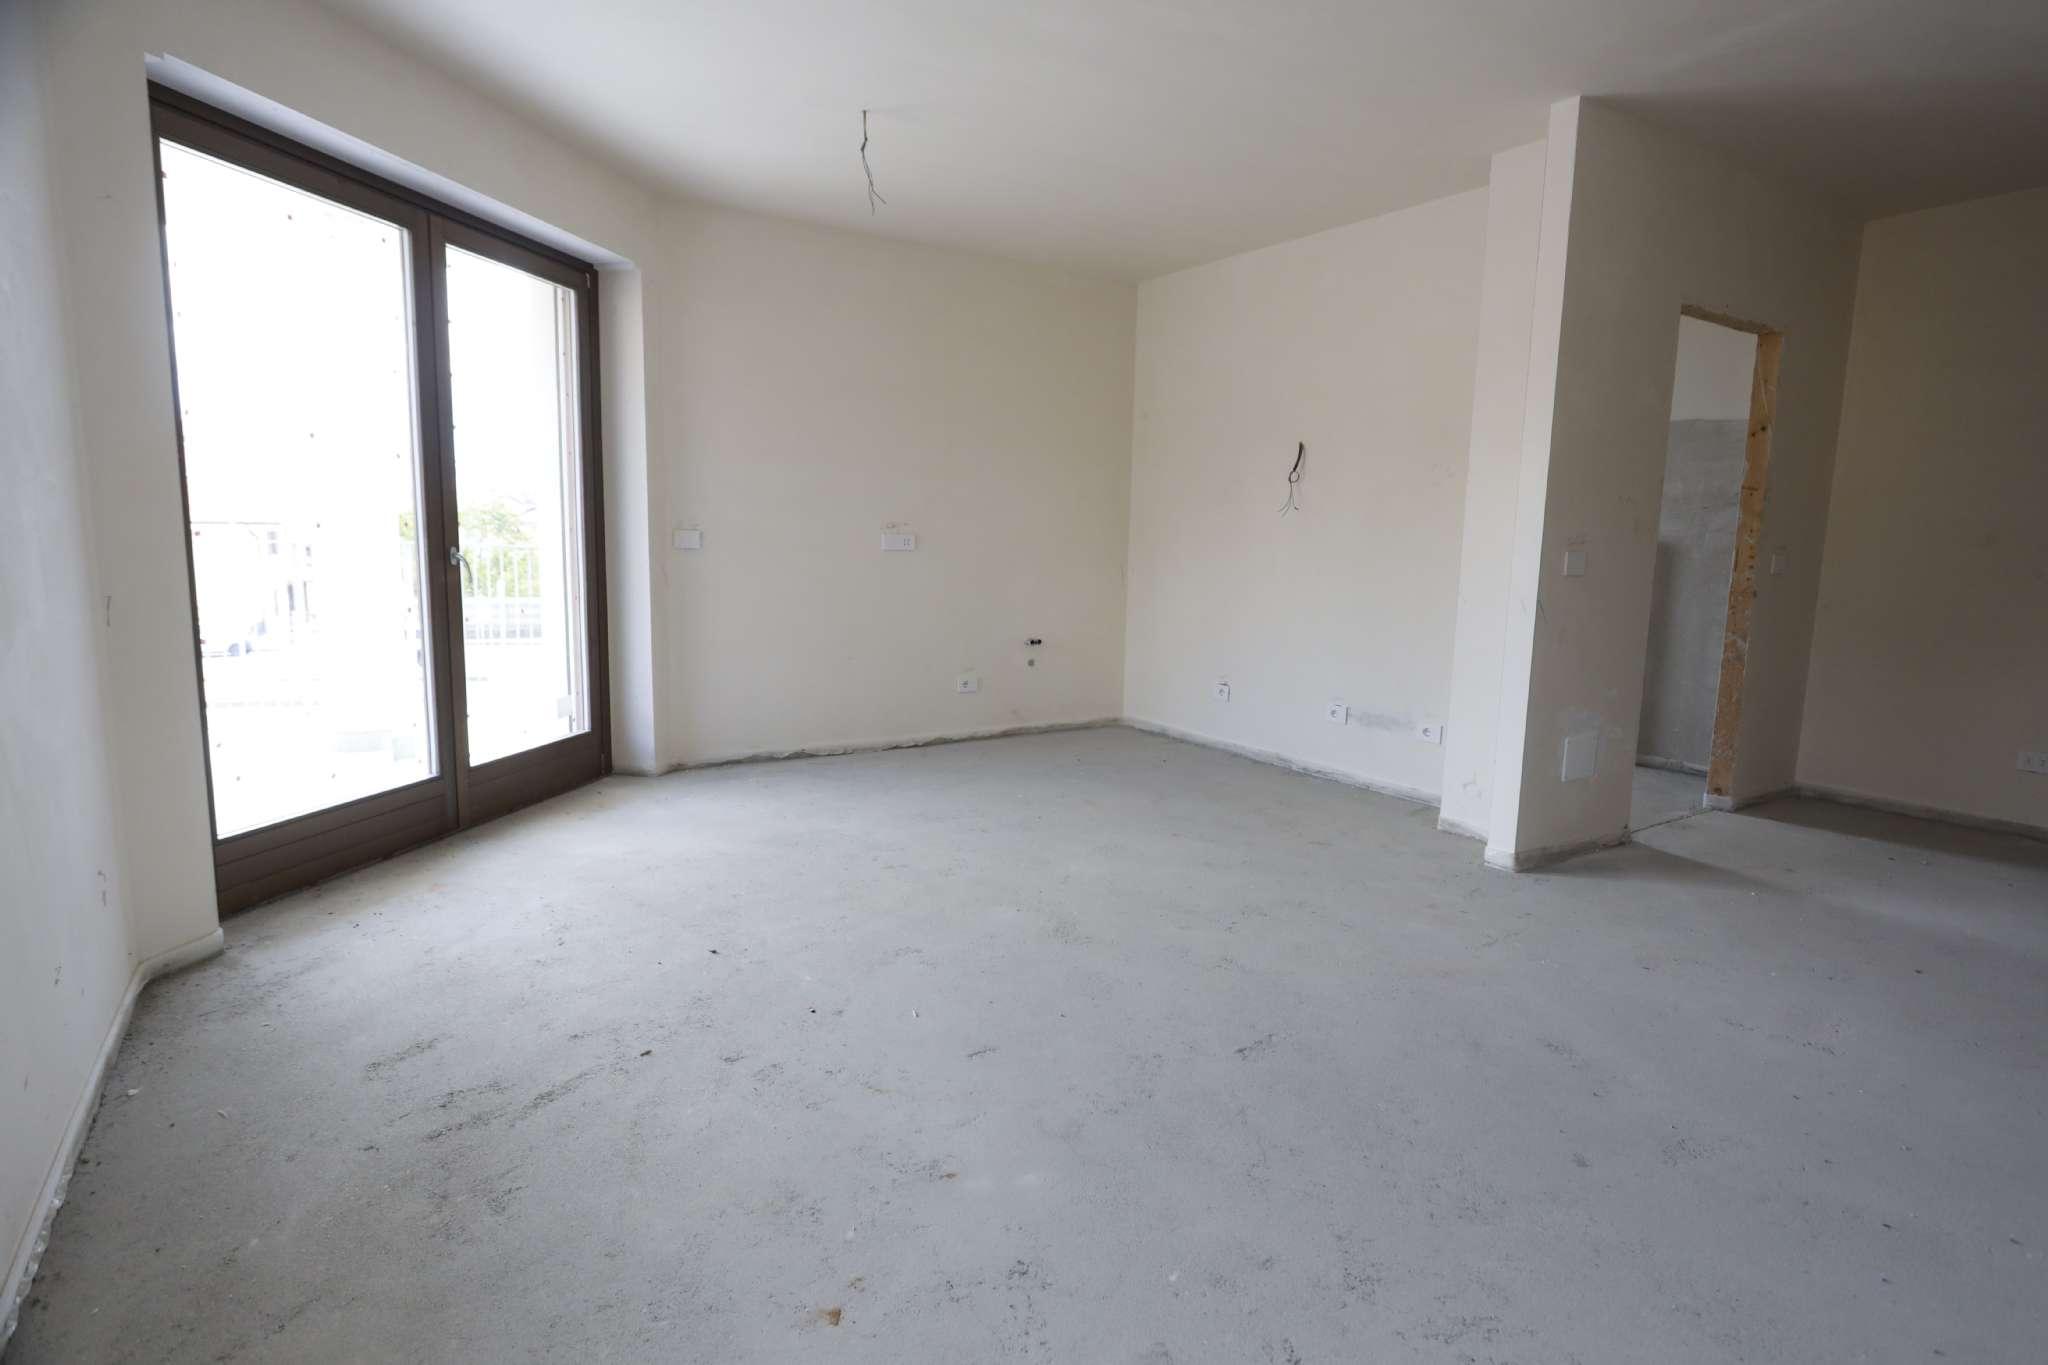 Appartamento in vendita a Orbassano, 3 locali, prezzo € 210.000 | PortaleAgenzieImmobiliari.it